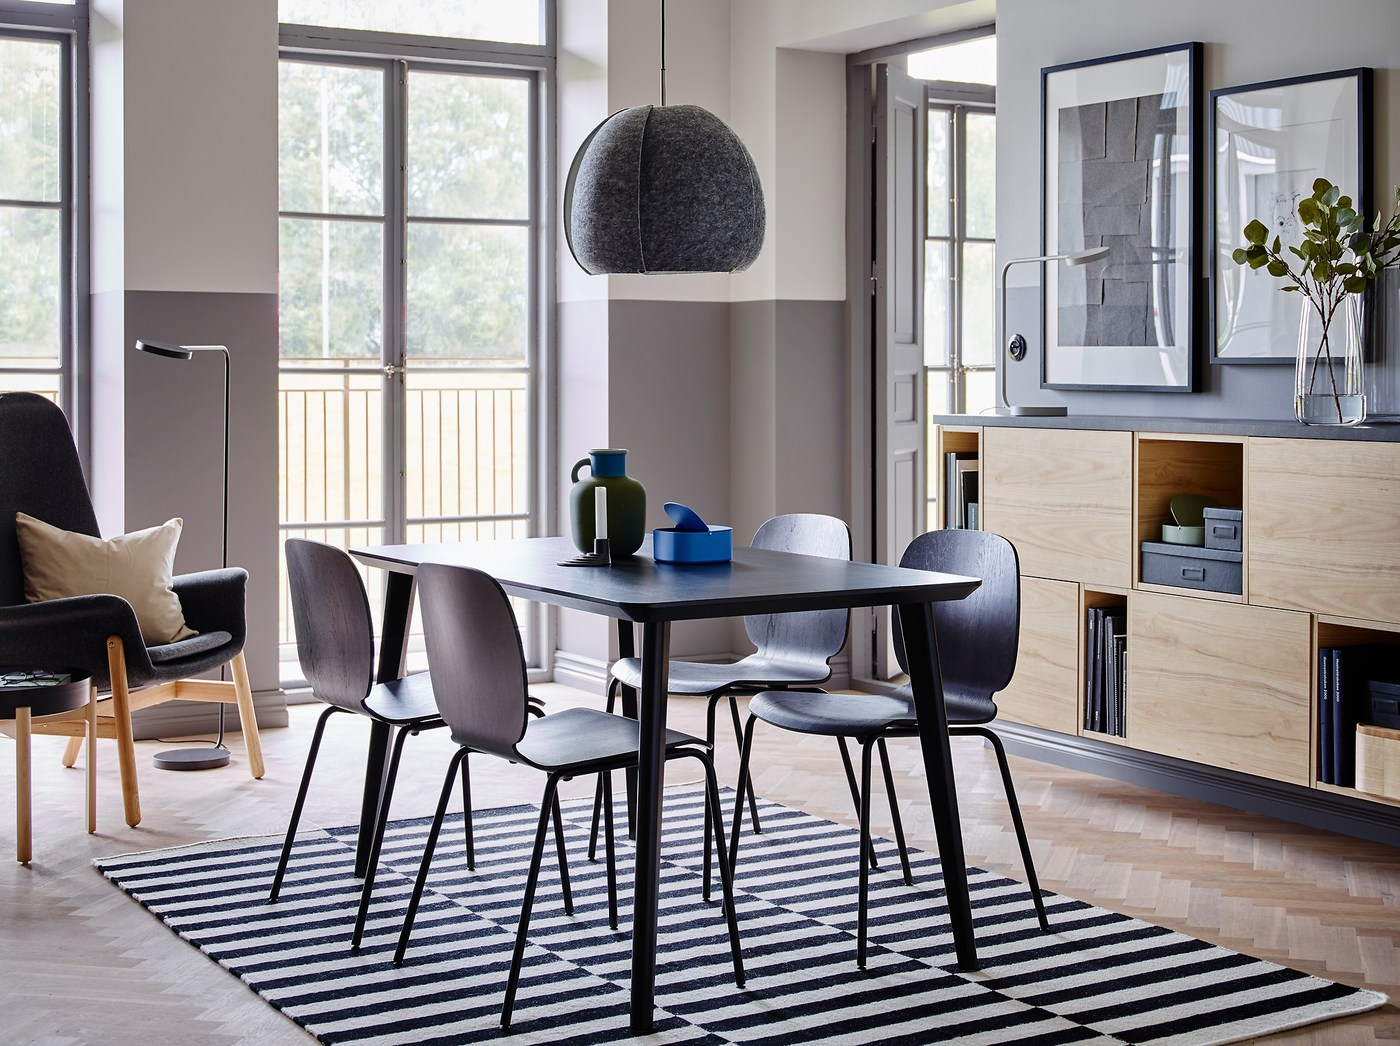 طاولة LISABO سهلة التركيب وكراسي SVENBERTIL السوداء تضفي تشكيلة أنيقة في منتصف الغرفة مع جدران نصفها رمادي ونصفها أبيض وتخزين مغلق من خشب الدردار.